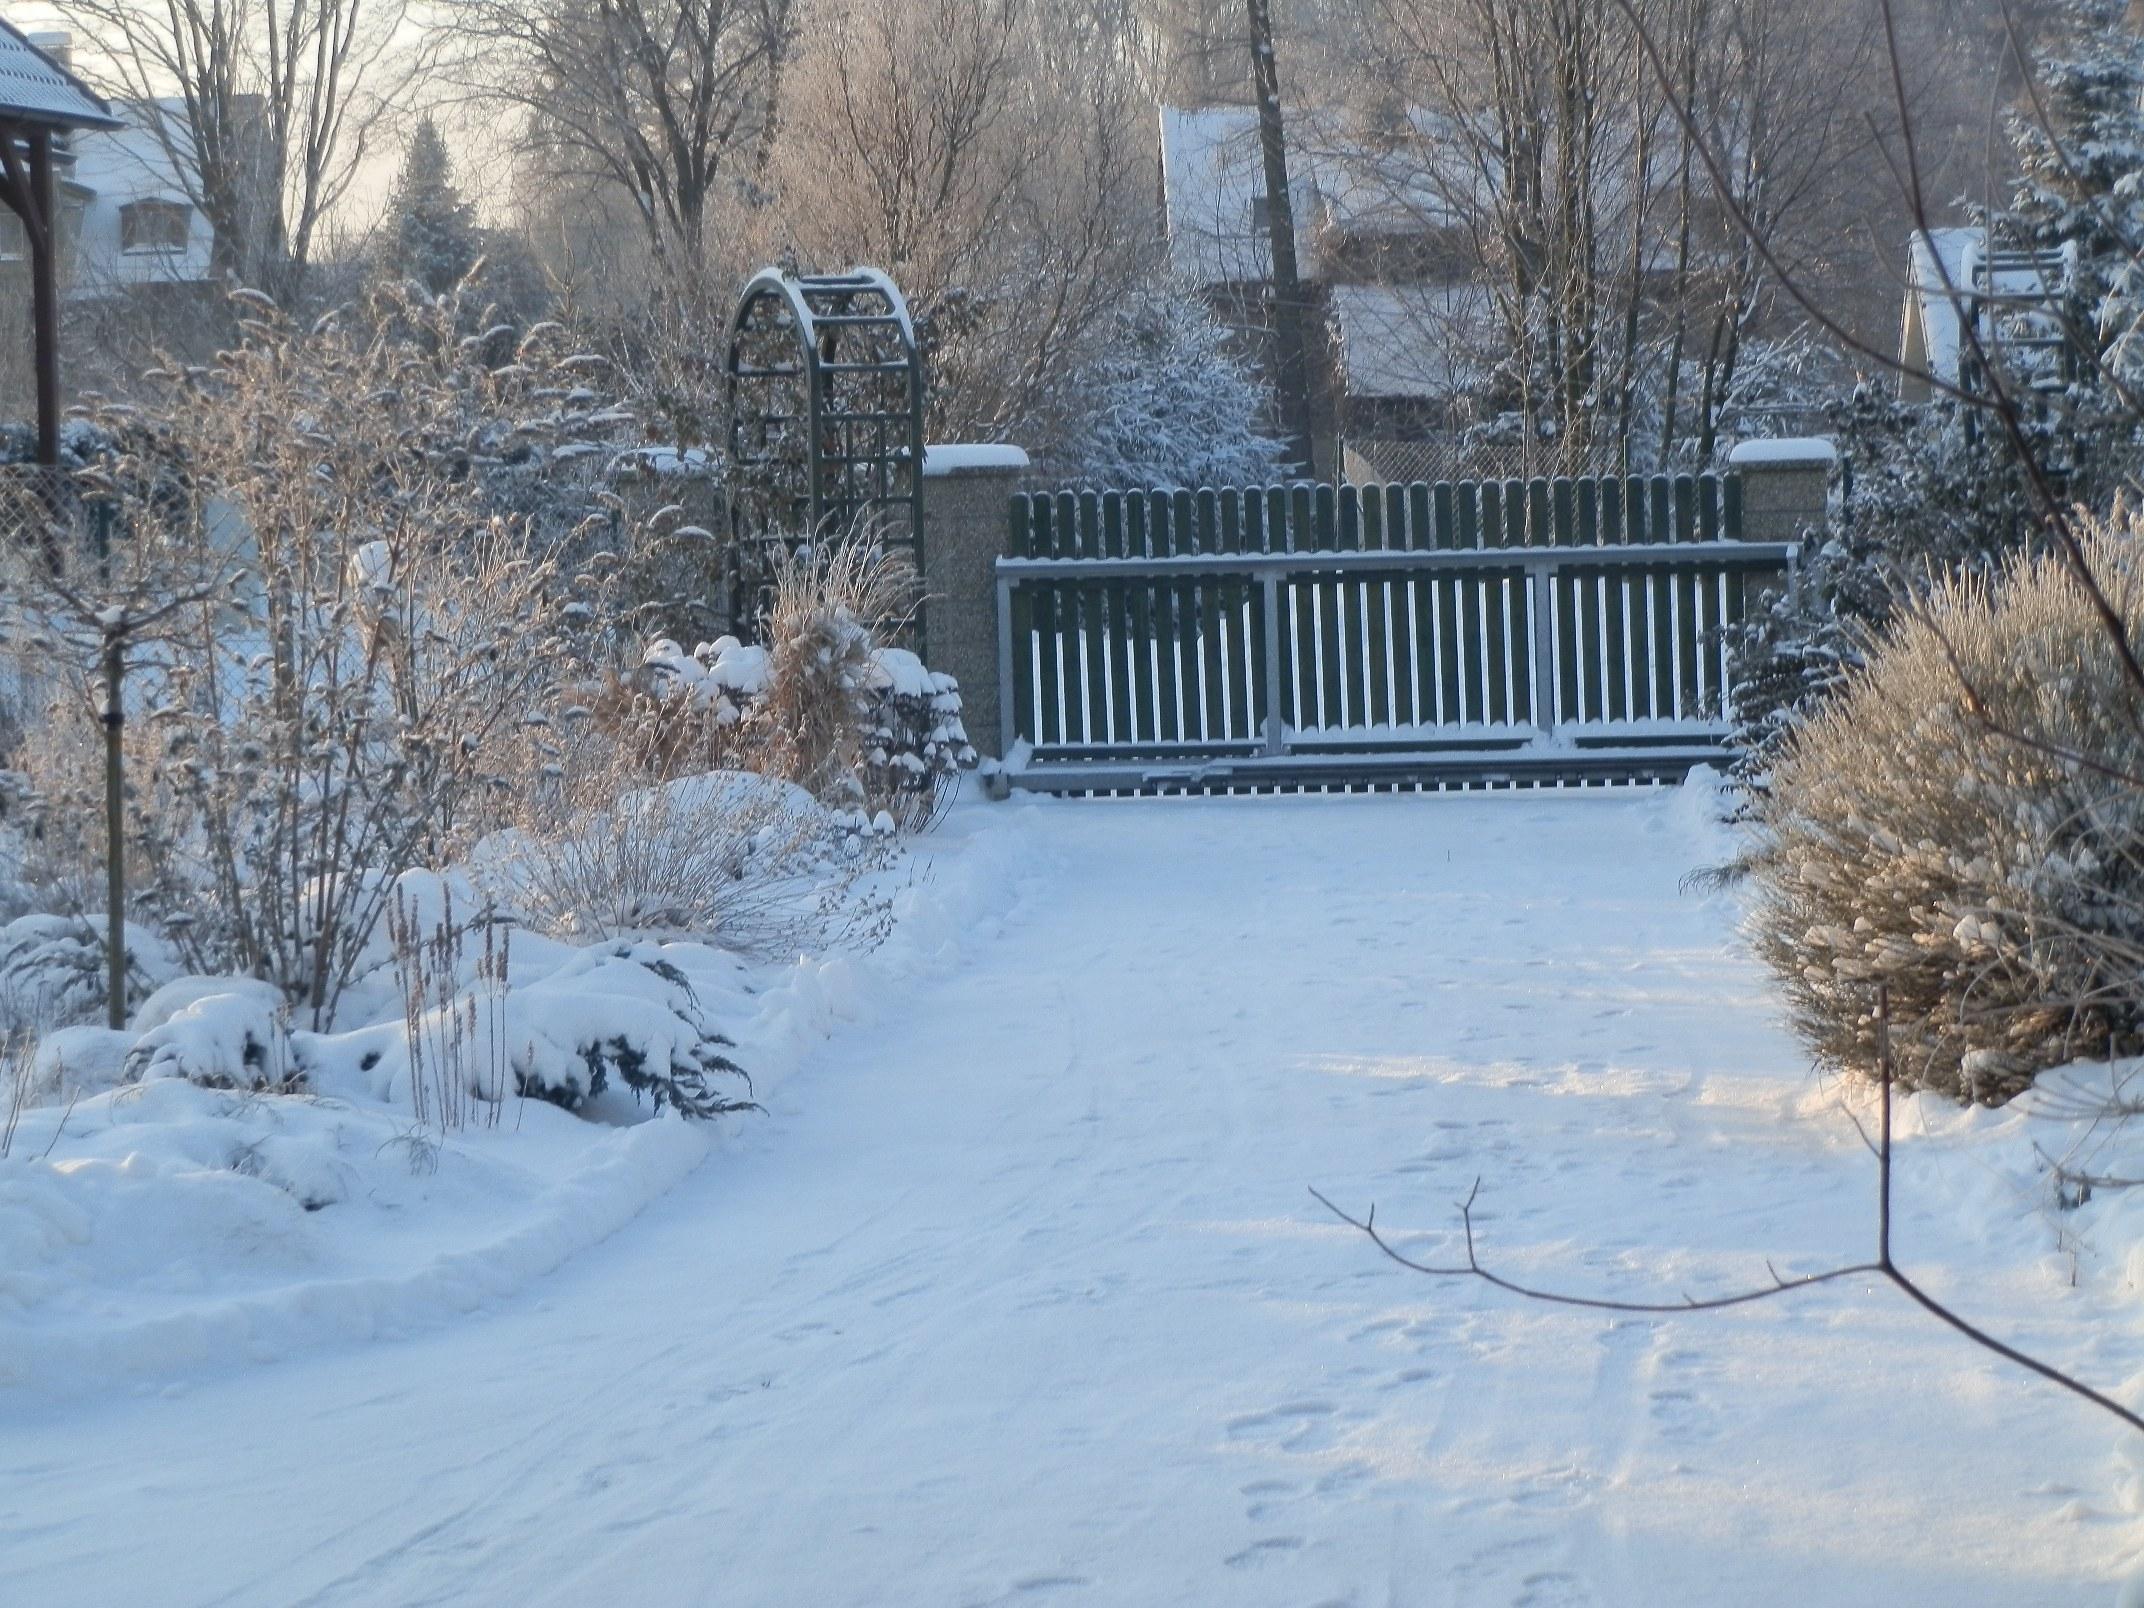 I zimní zahrada má své kouzlo.